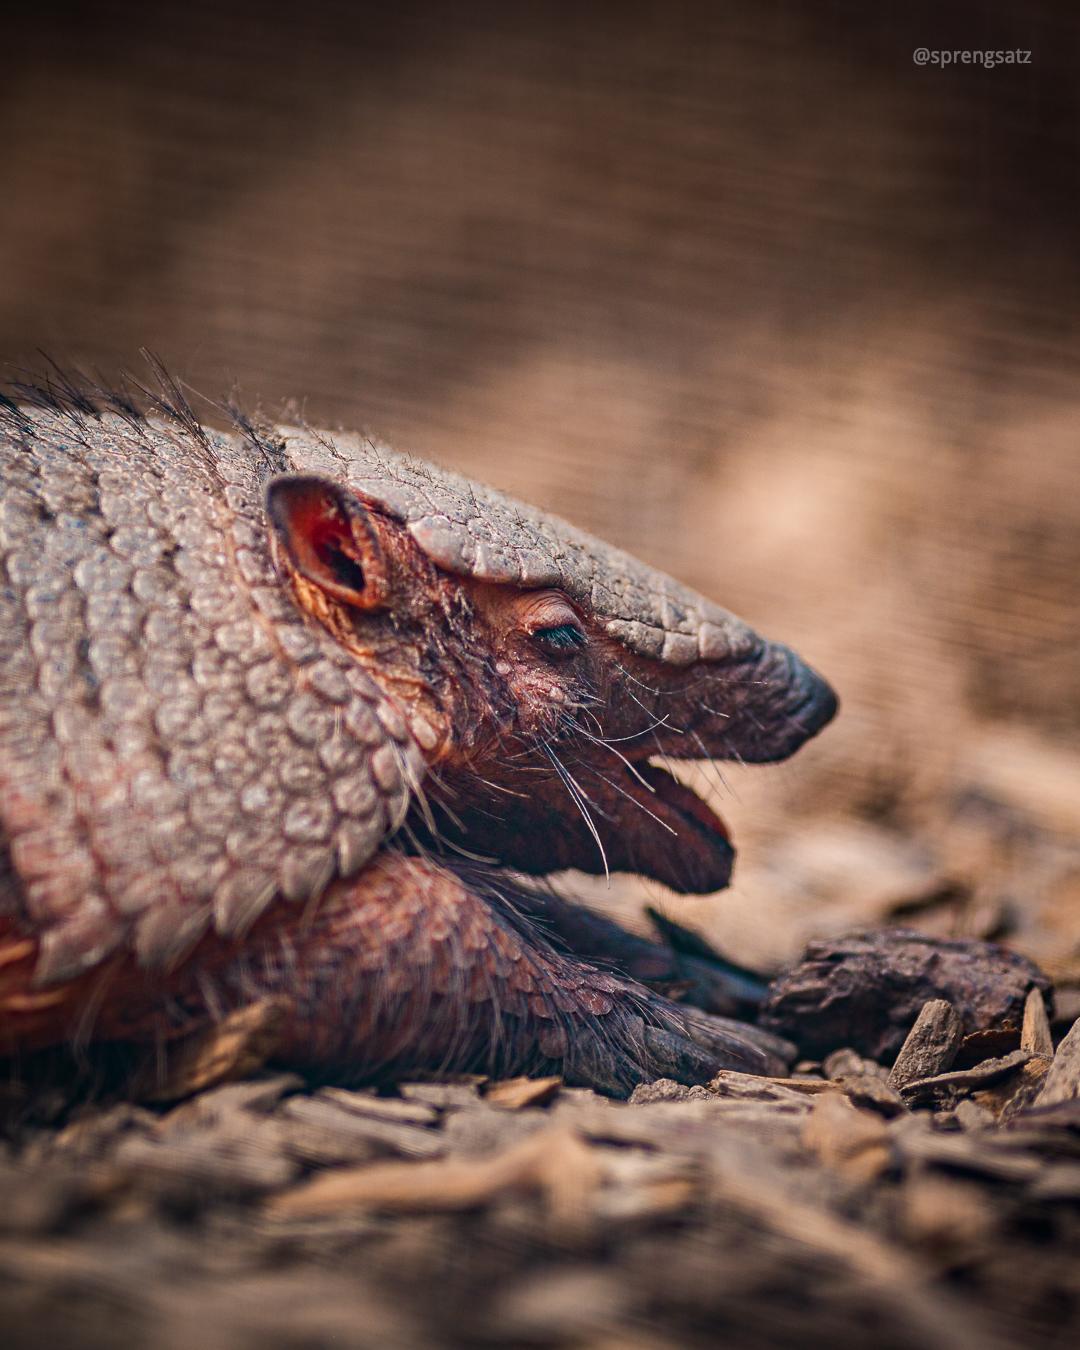 Das Braunborsten-Gürteltier oder Braunhaar-Gürteltier (Chaetophractus villosus) ist der größte Vertreter der Borstengürteltiere und lebt hauptsächlich im südlichen Bereich von Südamerika, östlich der Anden.